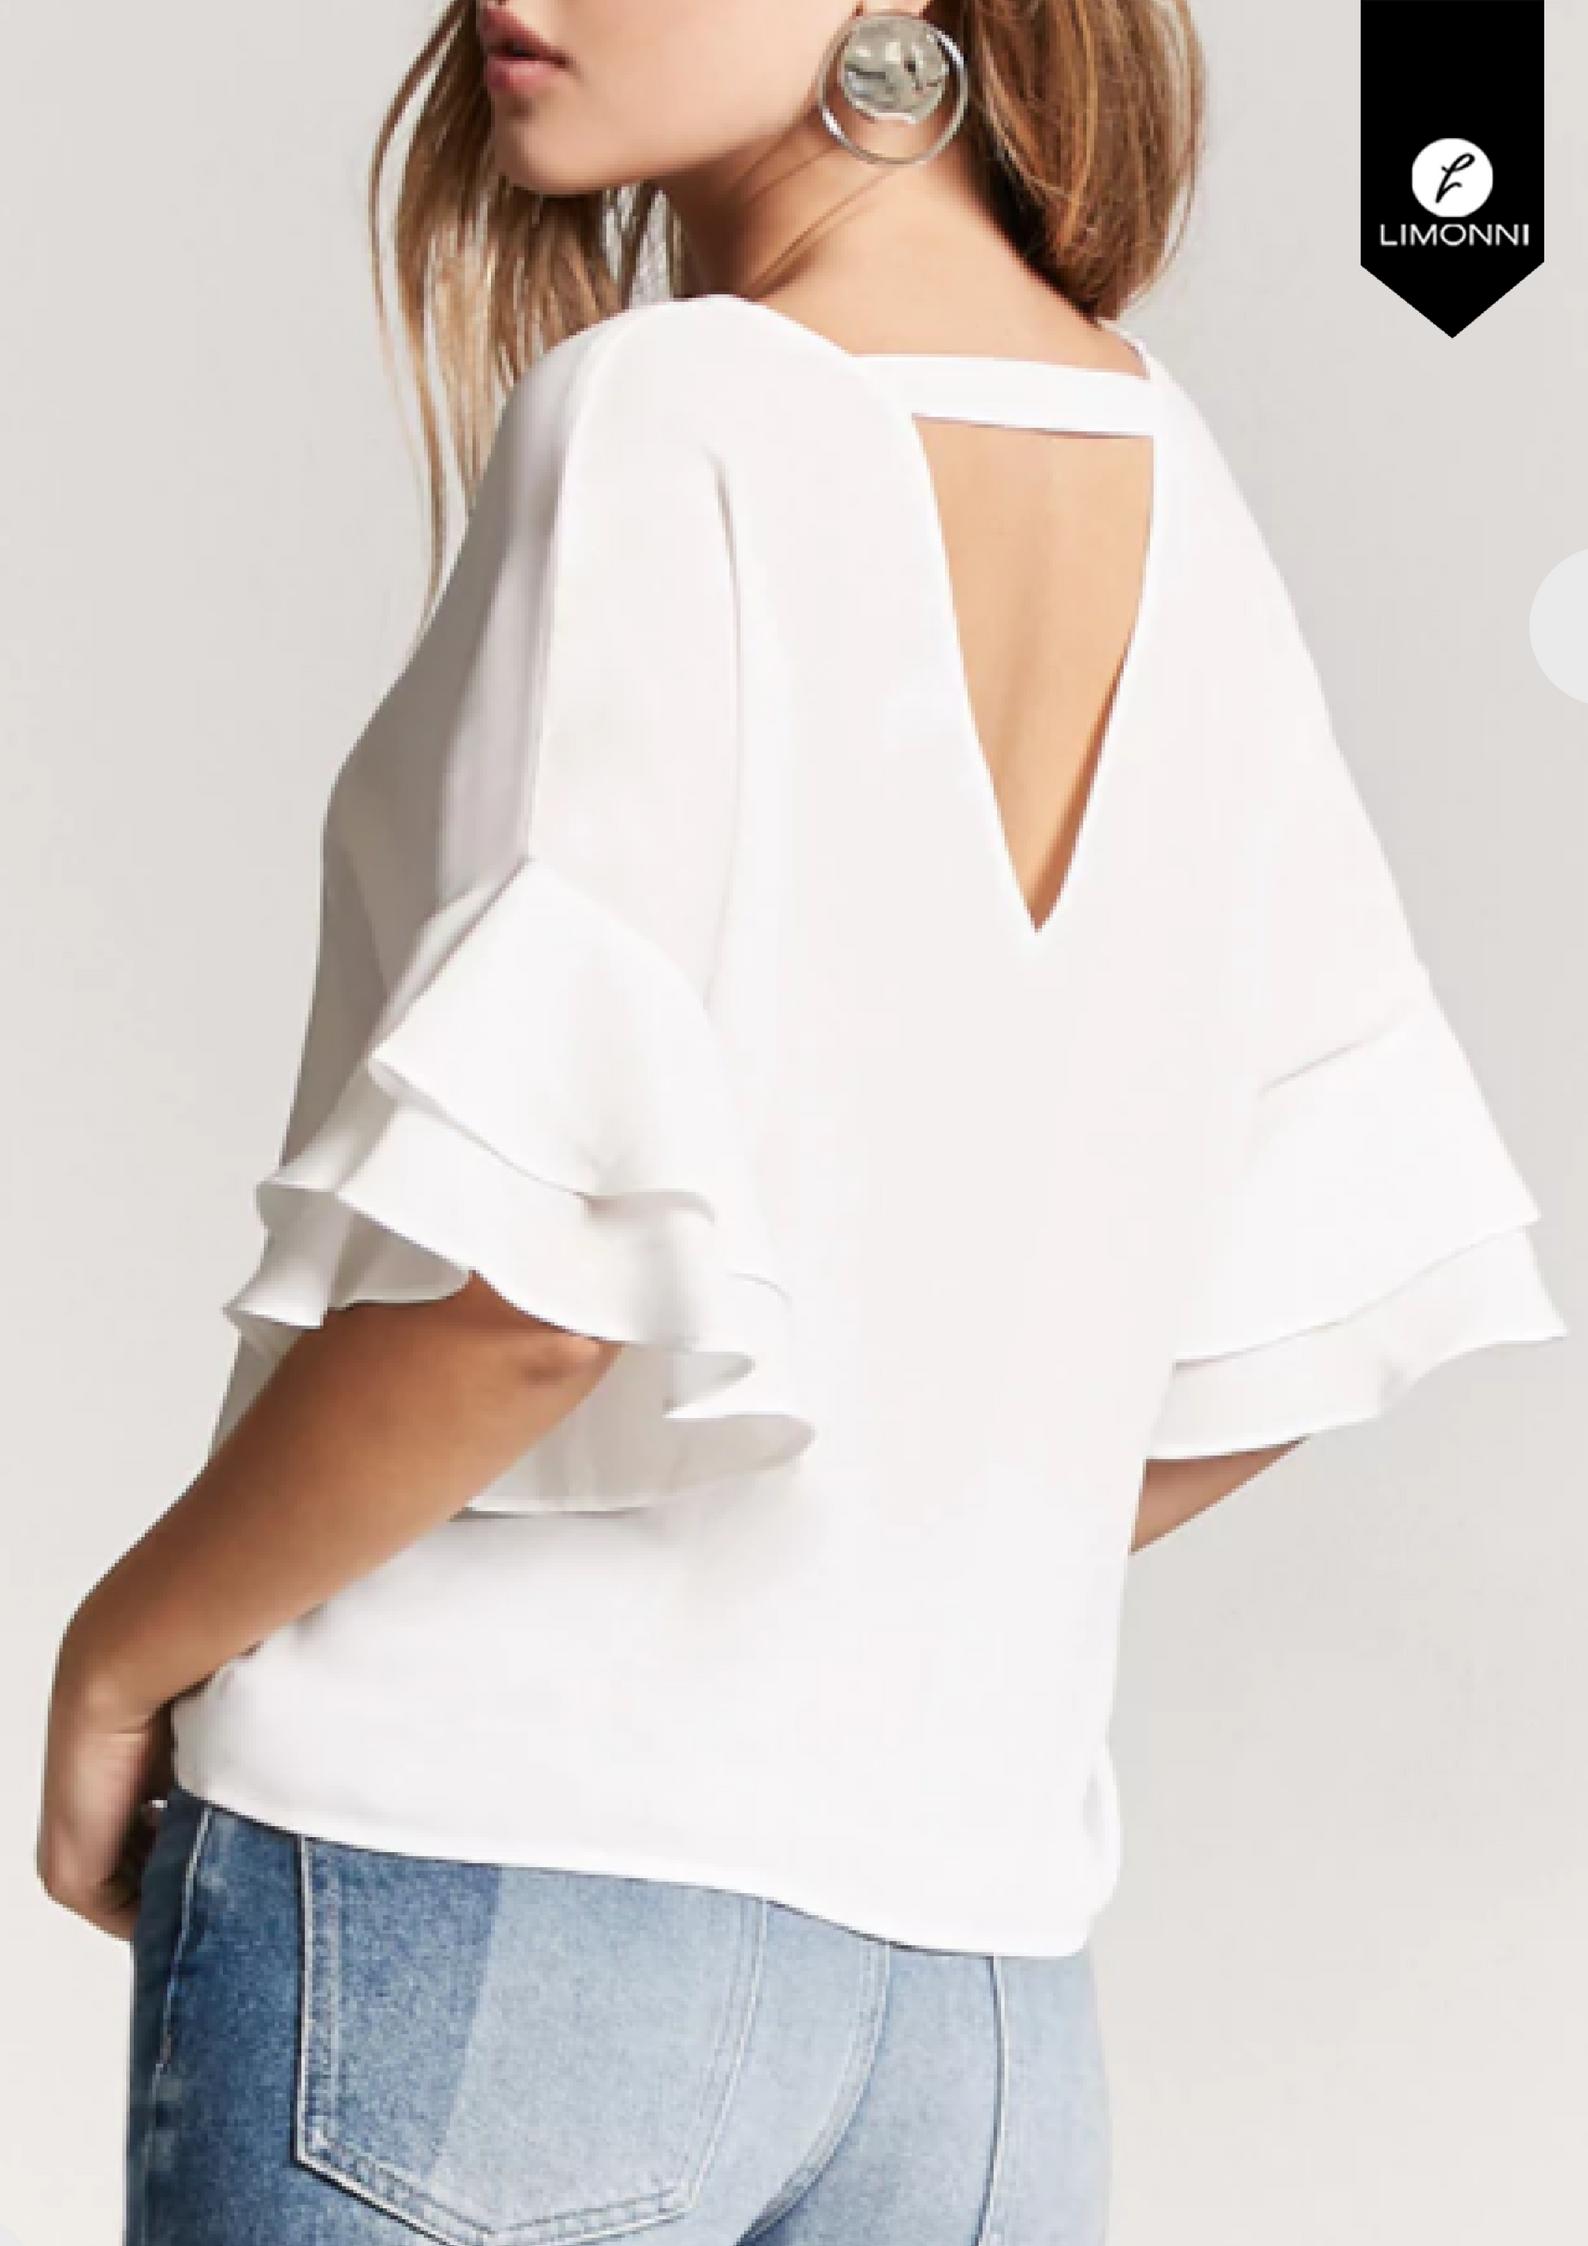 Blusas para mujer Limonni Novalee LI1545 Casuales